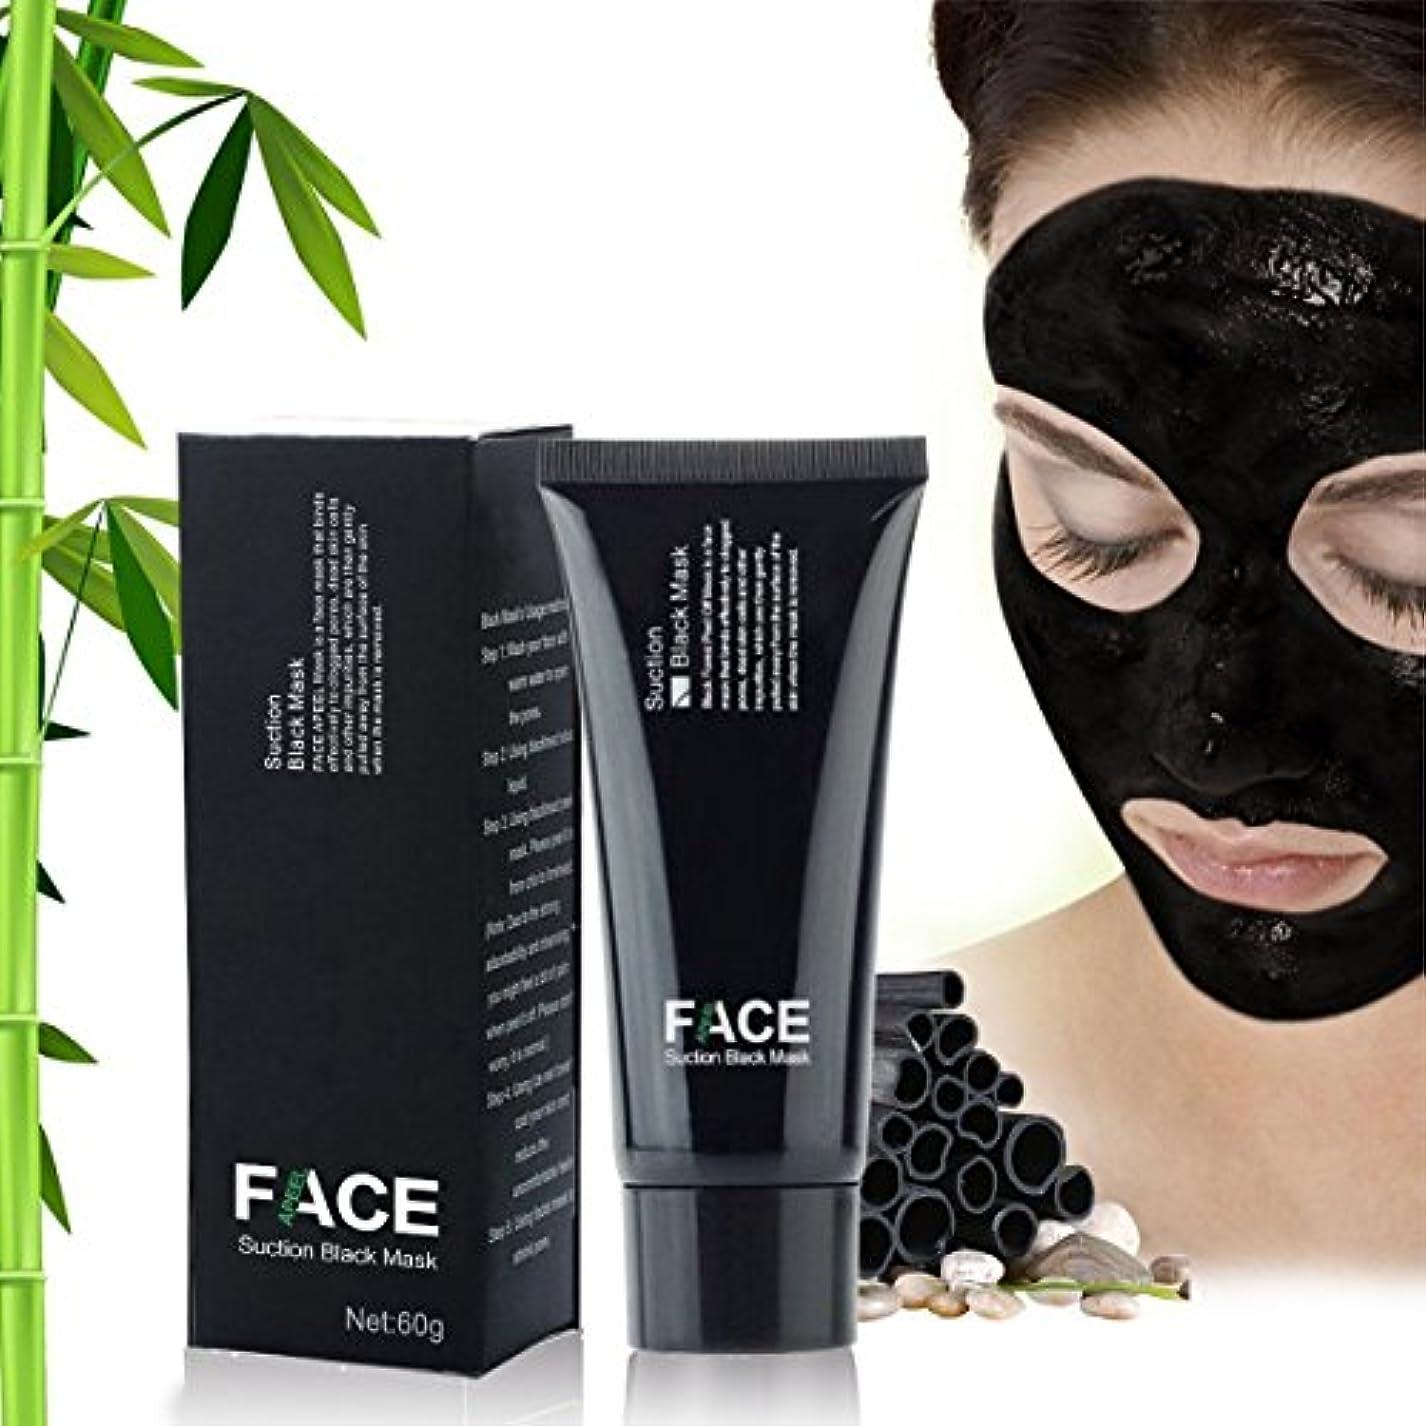 トピック謙虚ダイバーFace Apeel Blackhead Remover - Peel-off Mask for Men and Women - Deep Cleans Better than Pore Strips for Instantly